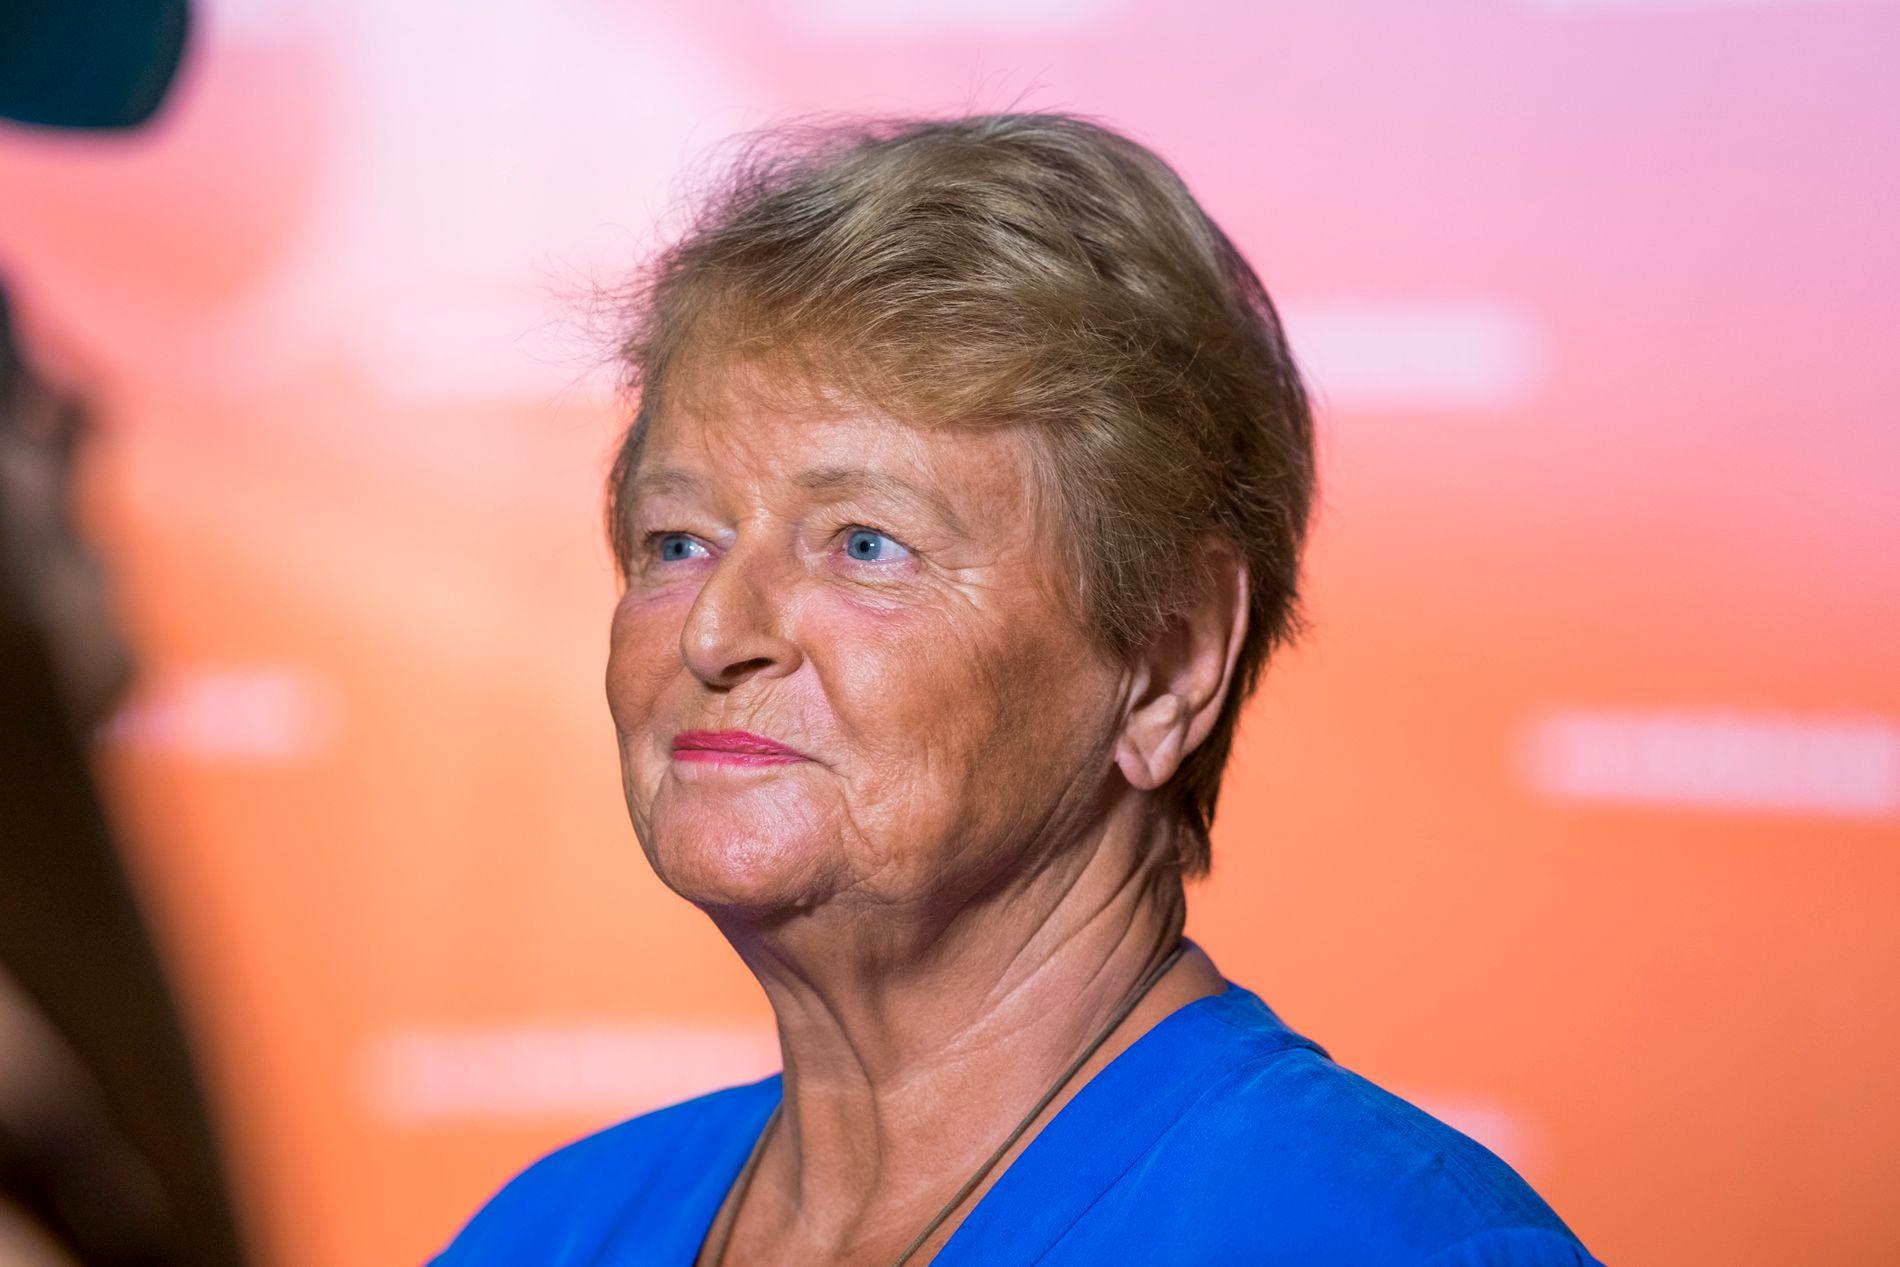 FØLGER MED: Tidligere Statsminister Gro Harlem Brundtland fotografert under Arendalsuka. Nå kaster hun seg inn i den norske klima- og statsbudsjett-diskusjonen fra sitt hjem i Frankrike.